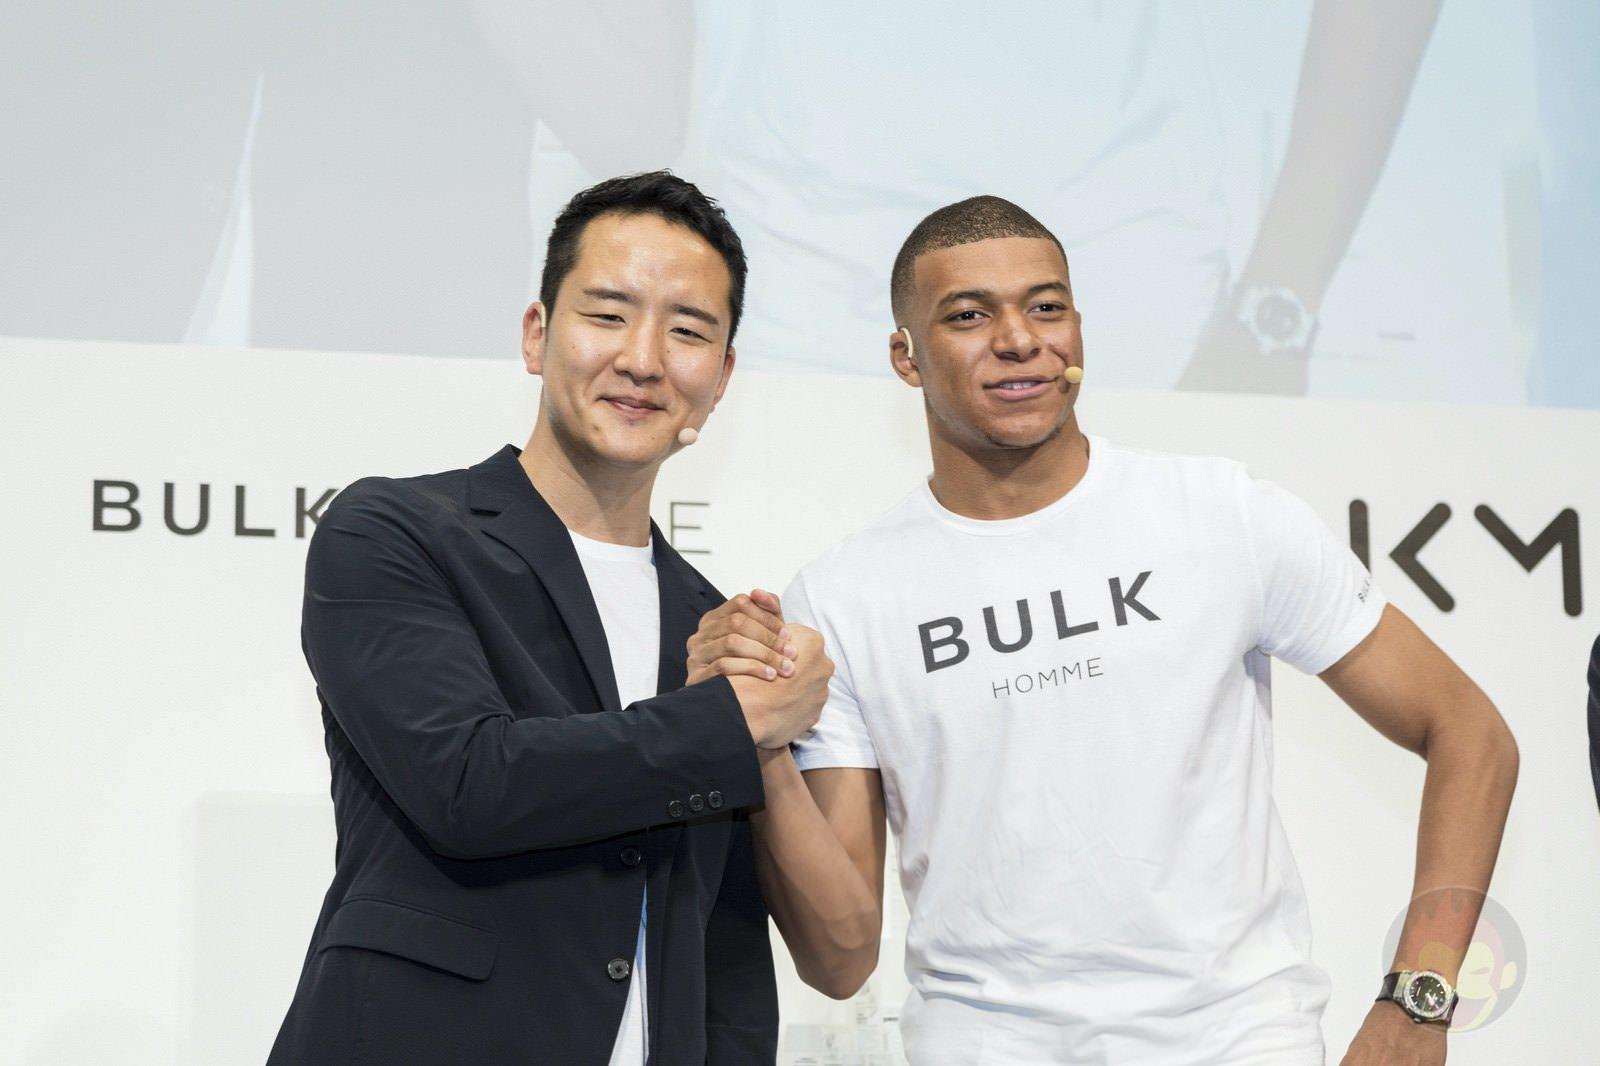 Bulk Homme Global Partnership